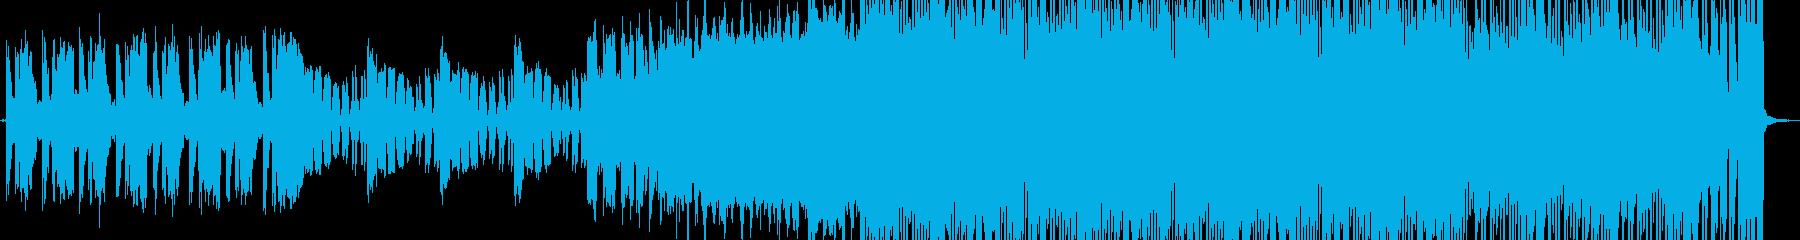 【サイトランス】エネルギッシュな宣伝動画の再生済みの波形